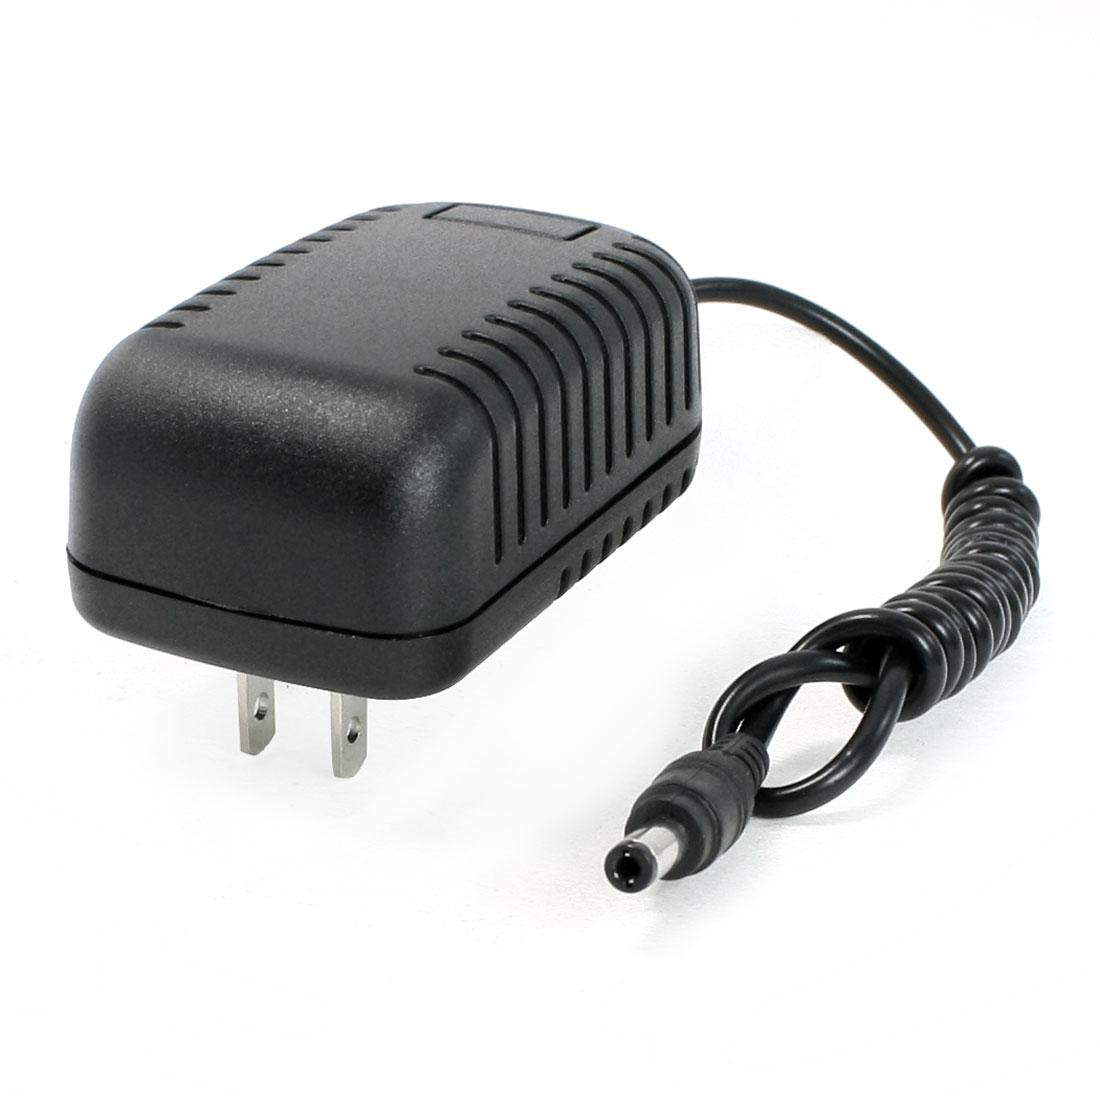 12V 2A Output US Plug AC100-240V 2.1mmx5.5mm DC Jack Adapter Black